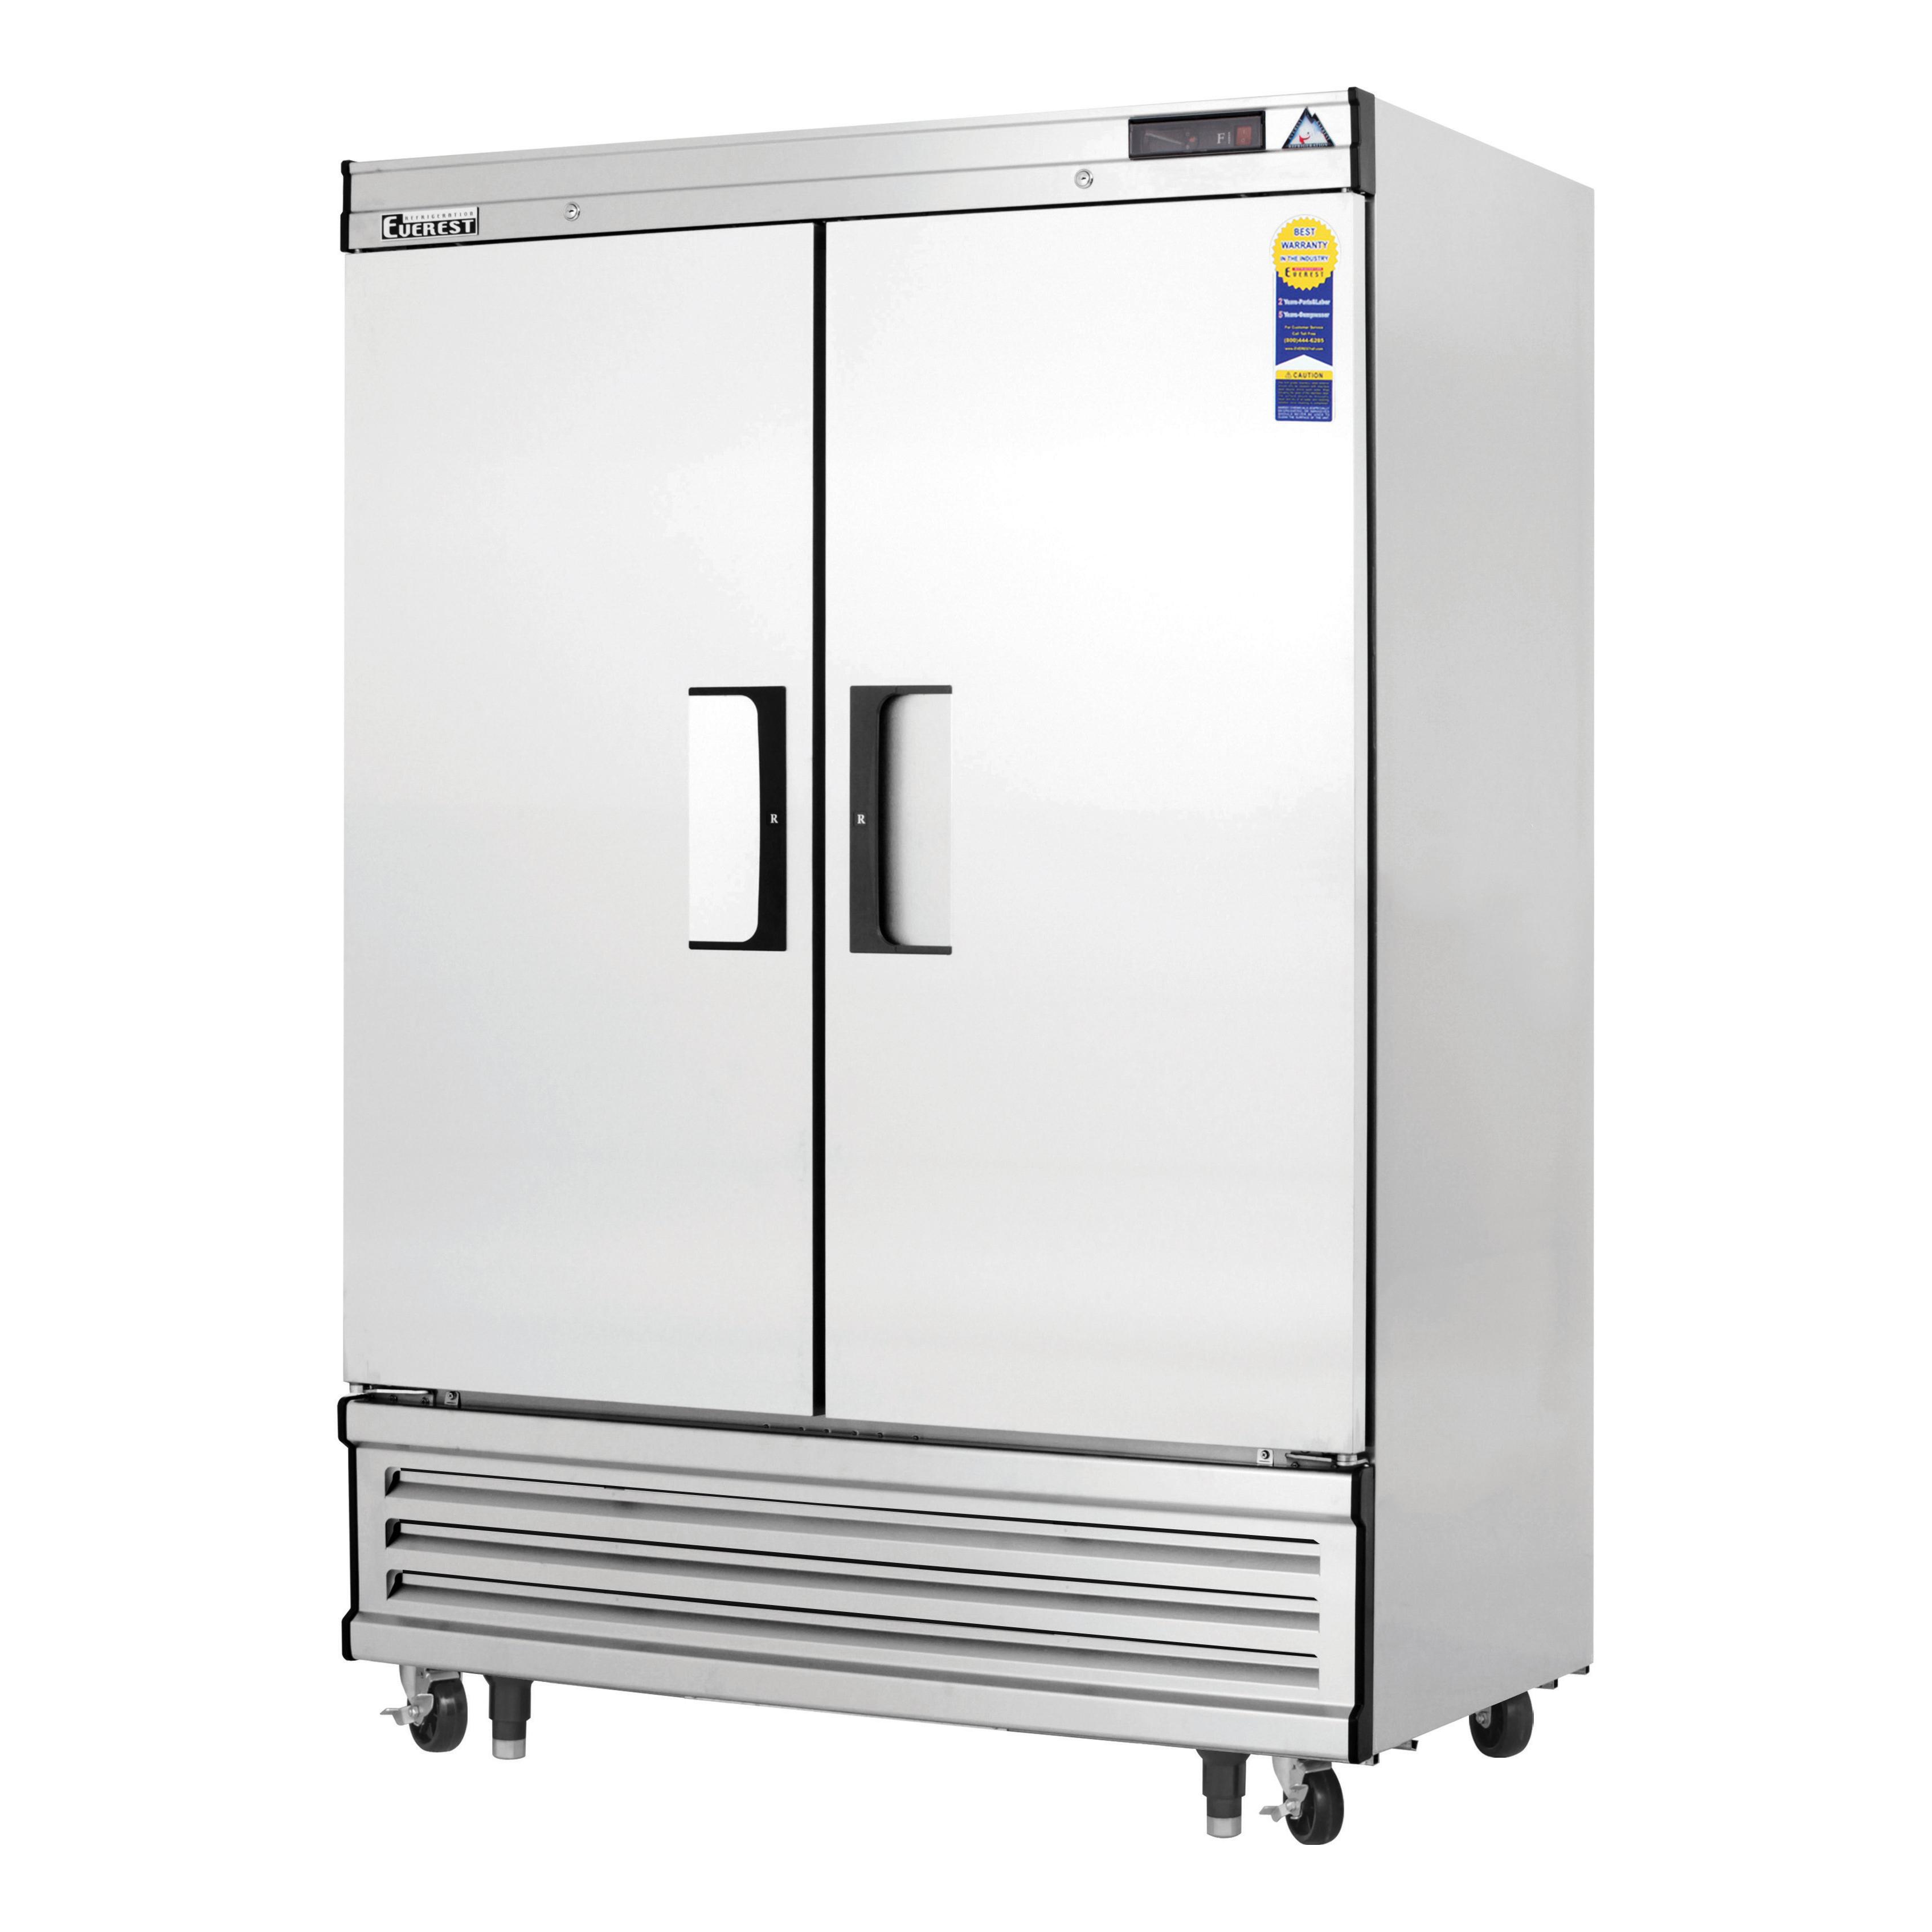 Everest Refrigeration EBF2 freezer, reach-in